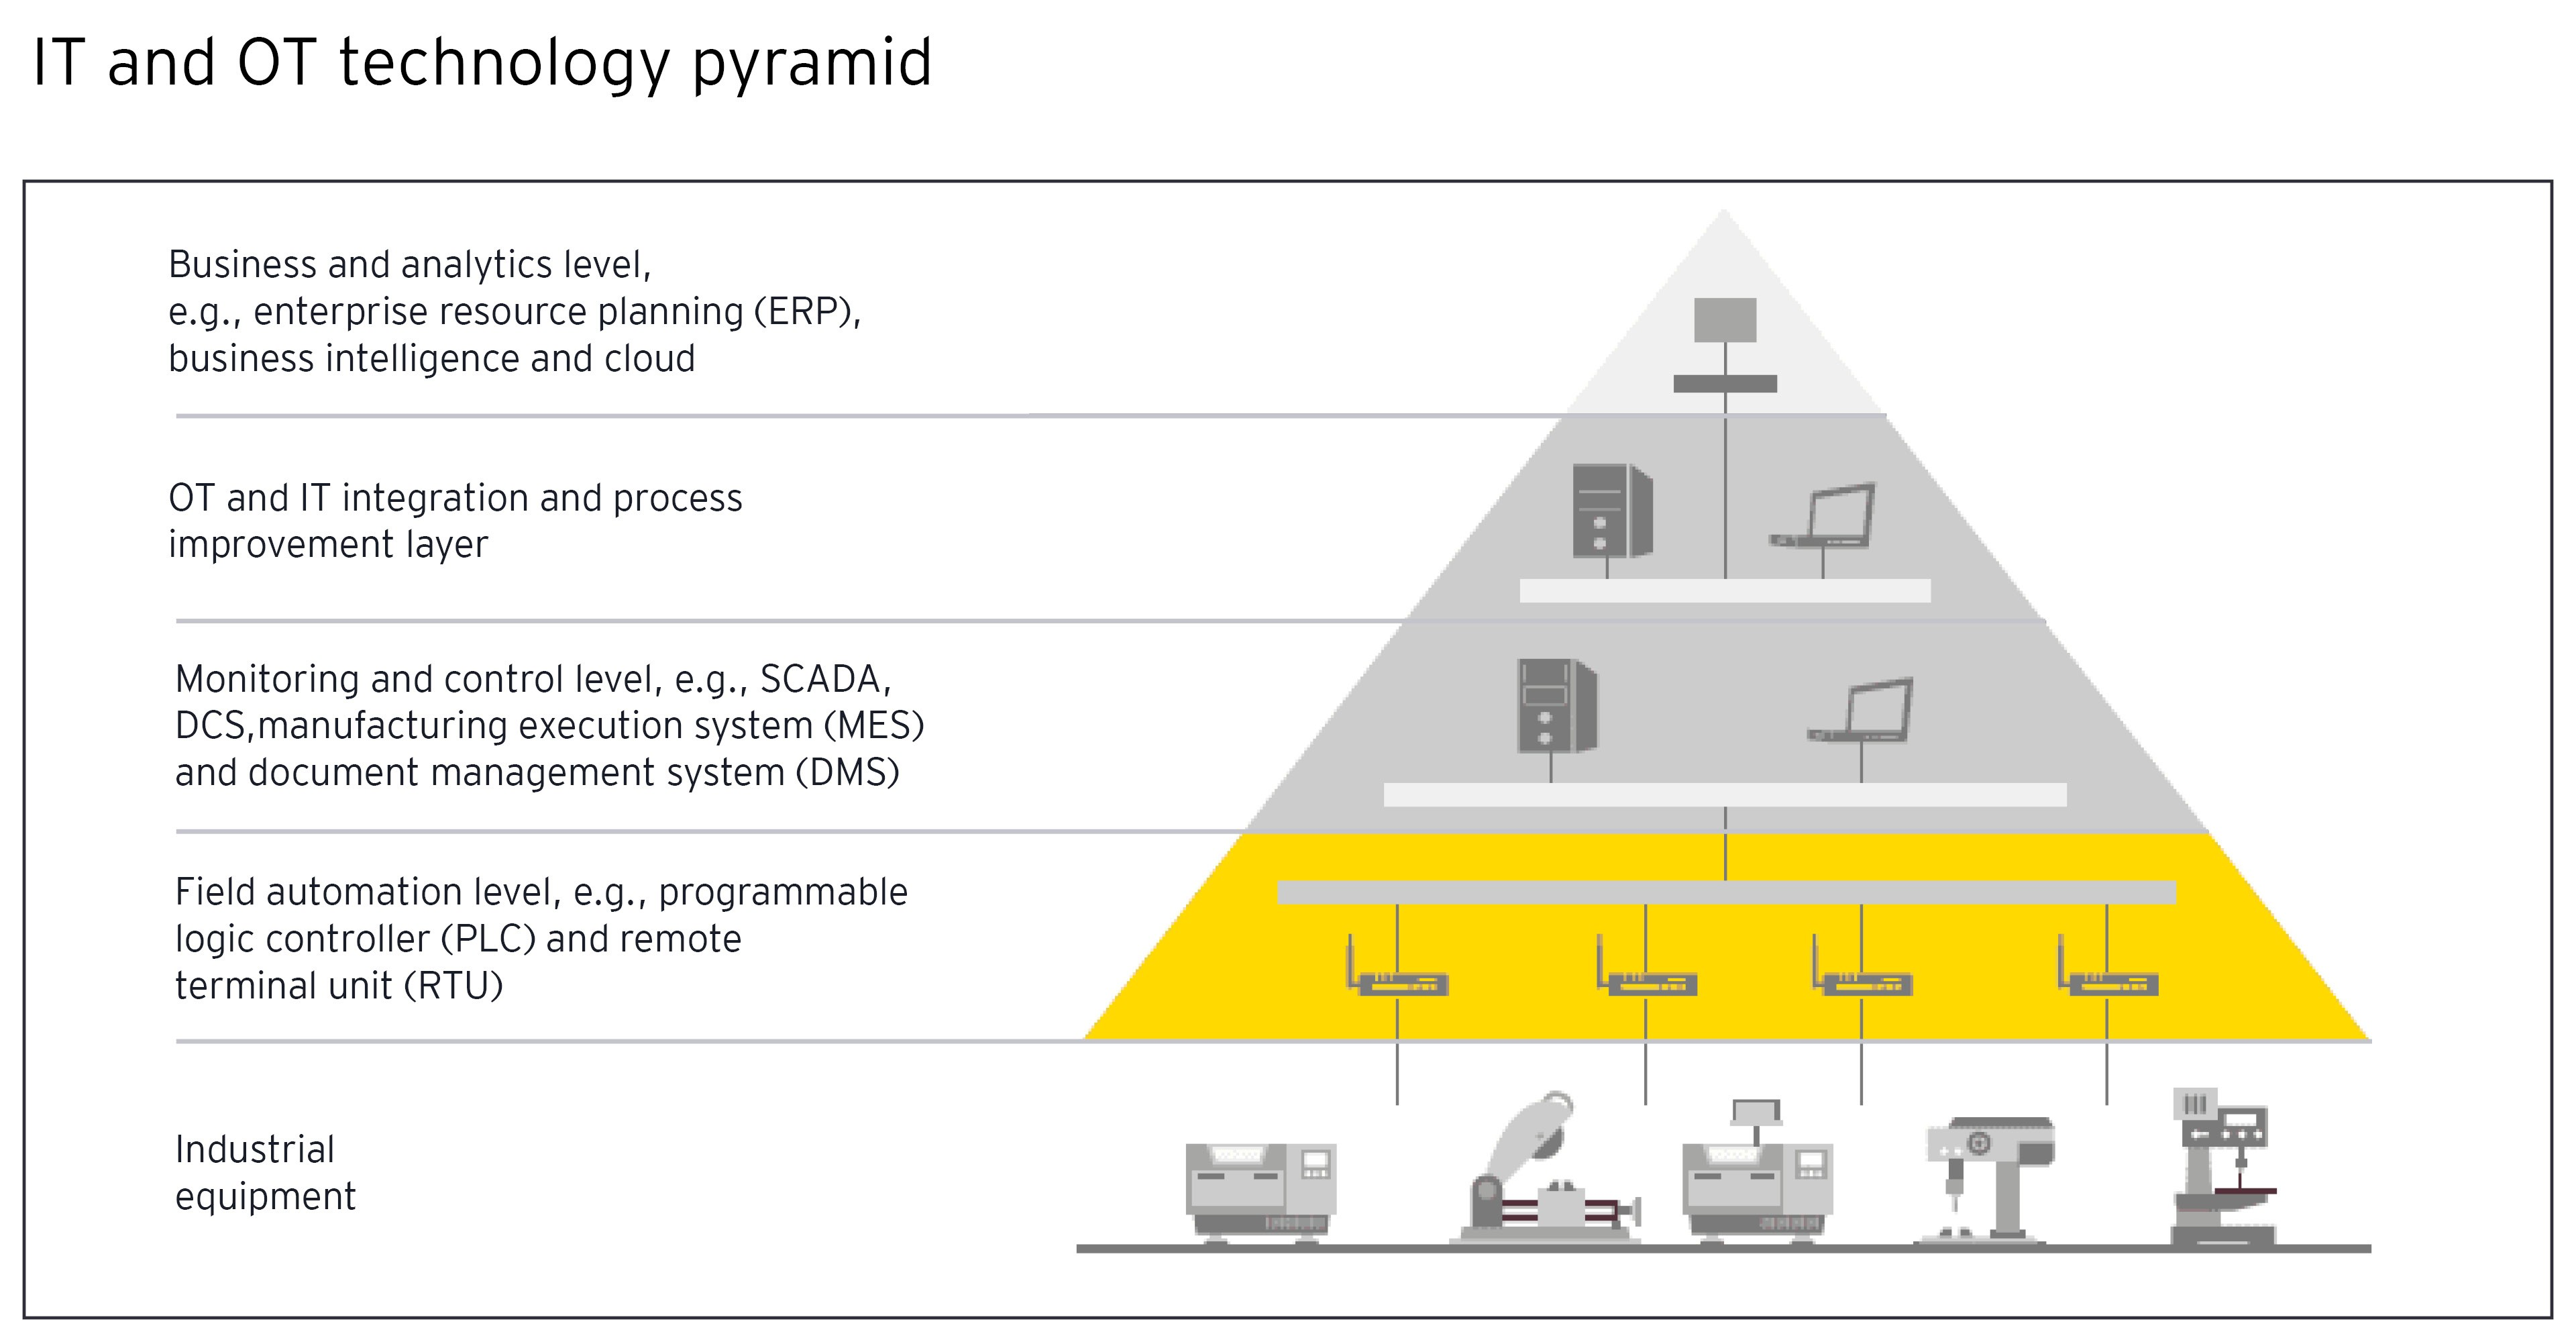 IT and OT Technology Pyramid